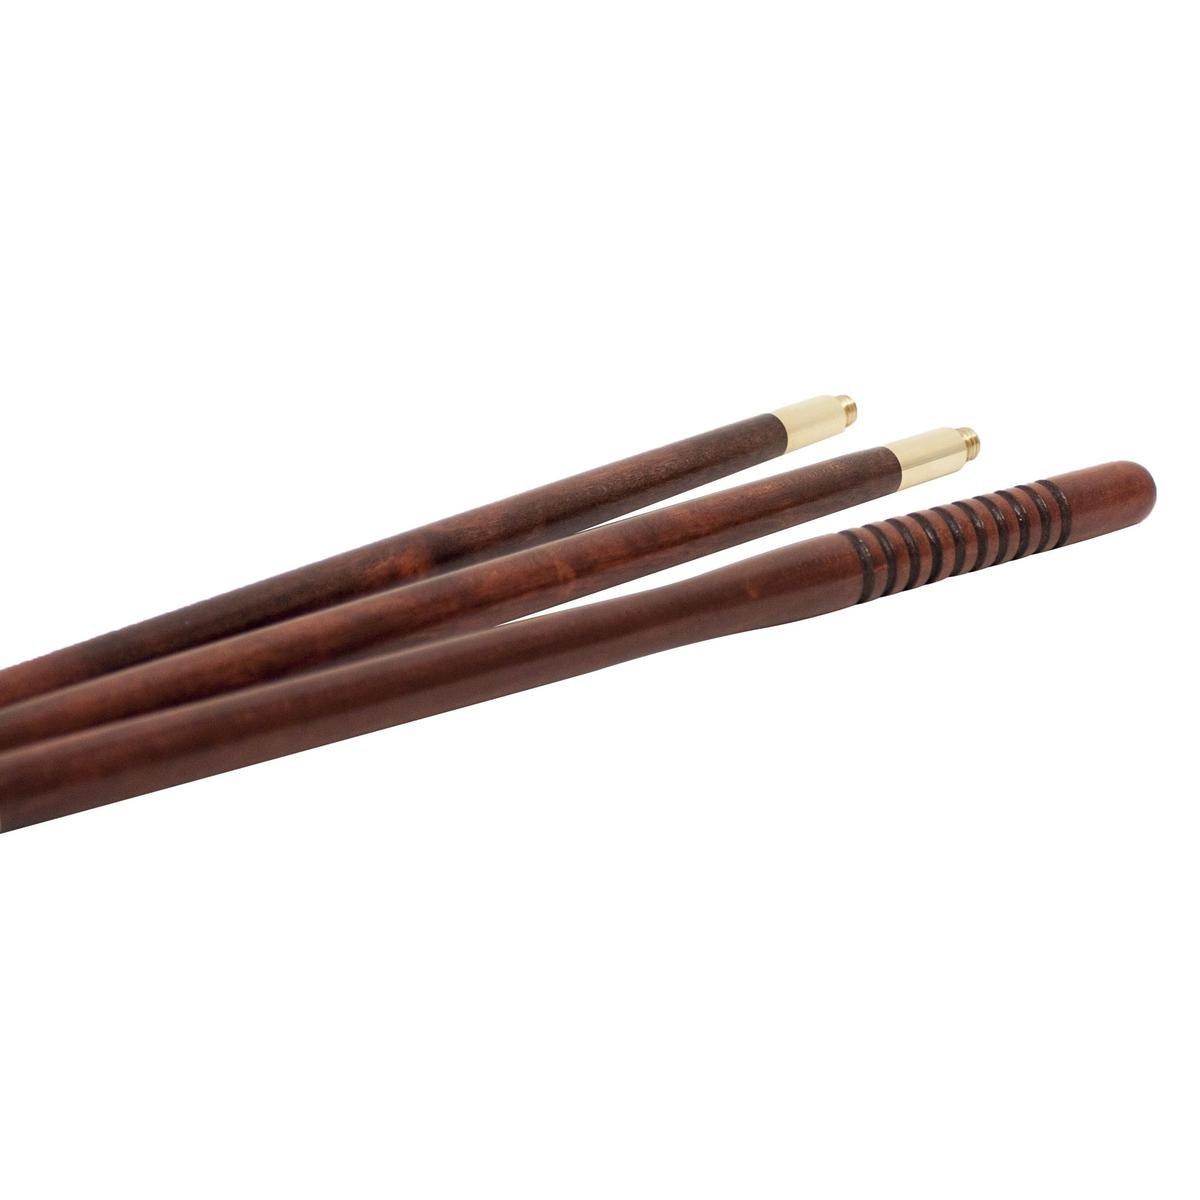 Parker Hale 3-Piece Deluxe Shotgun Rod 3-Piece Dexule by Parker